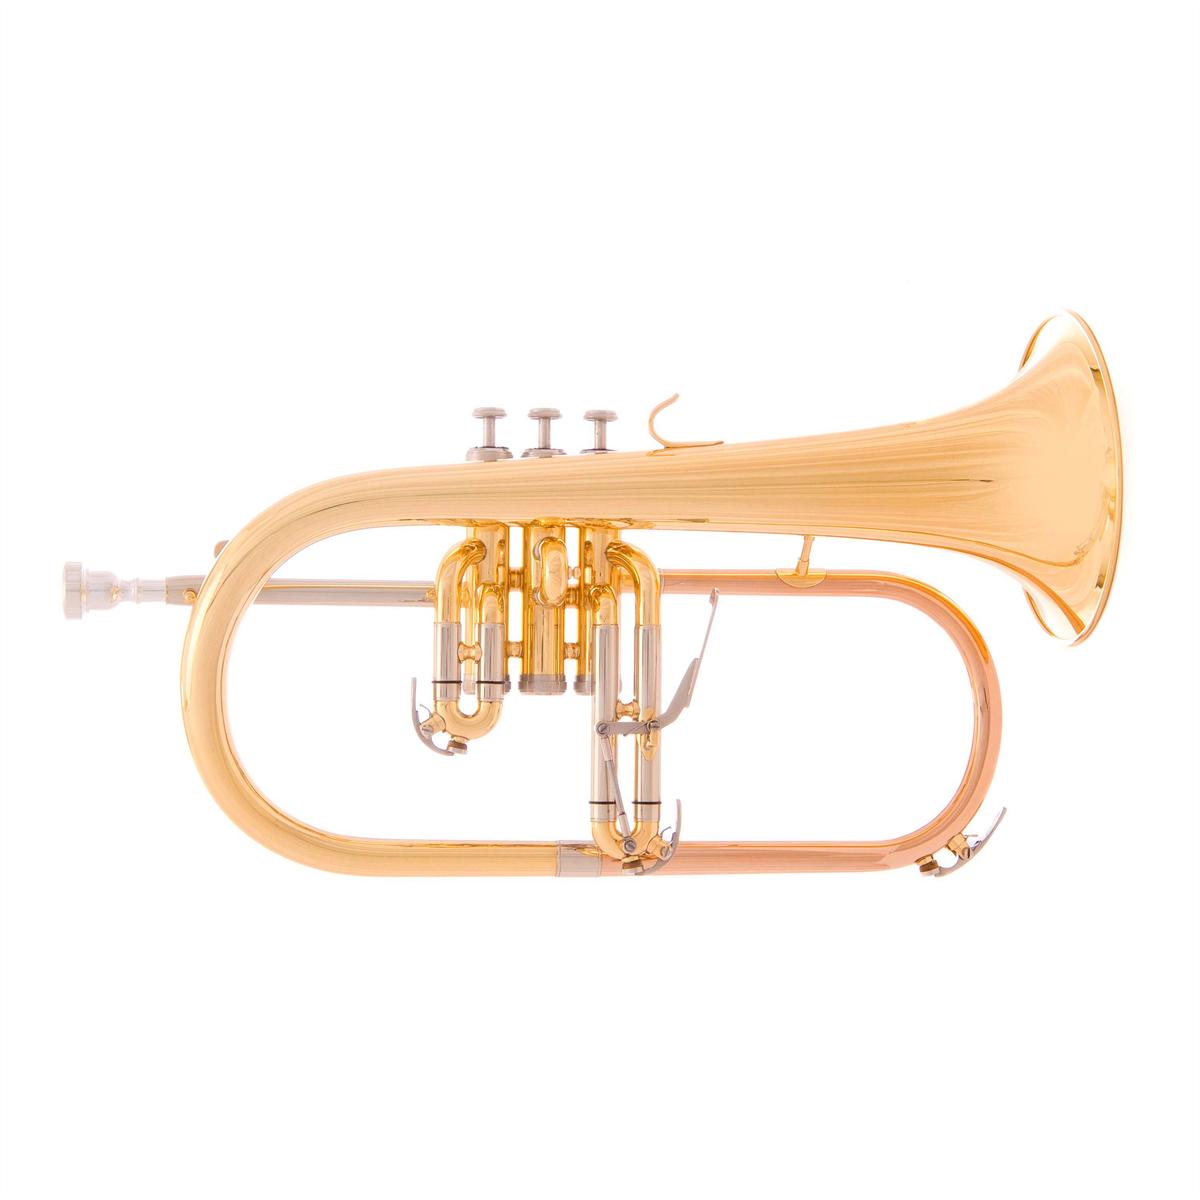 John Packer Flugel Horn JP175R - Uitvoering: Rose Brass